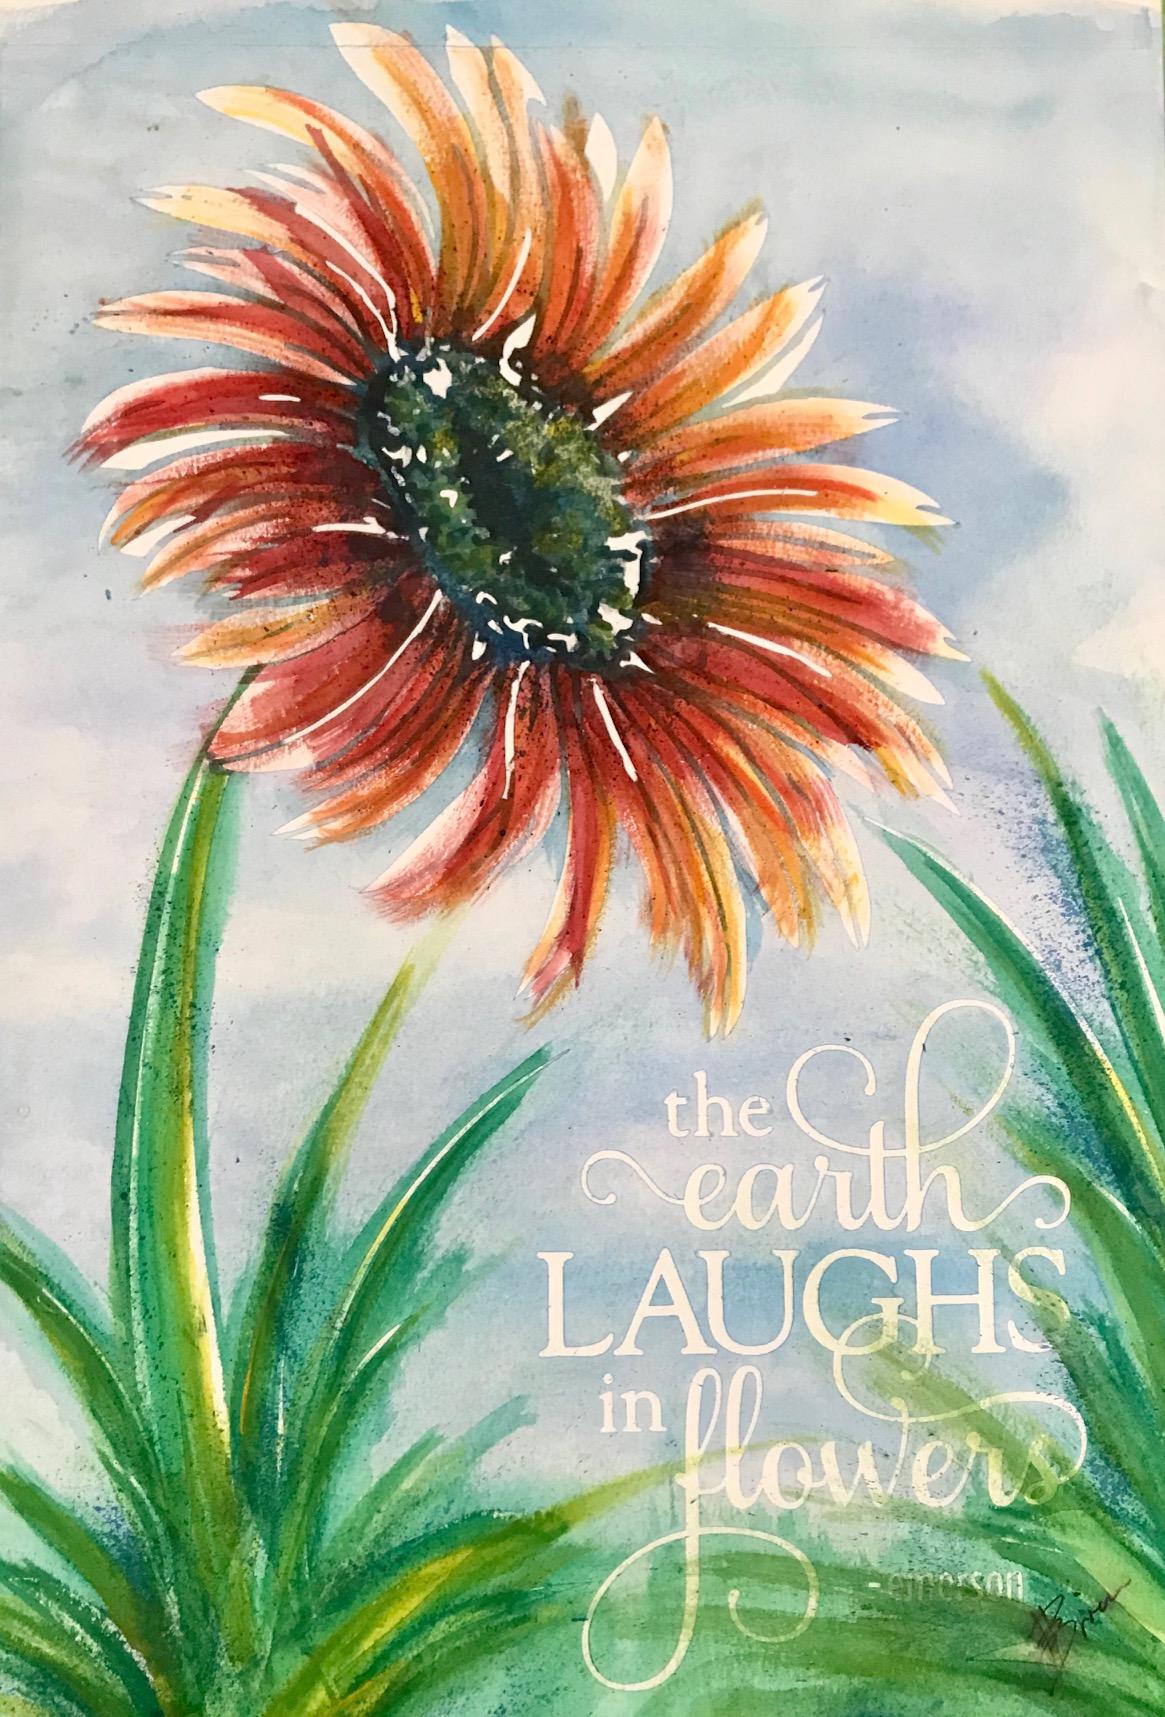 Laugh in Flowers.jpg